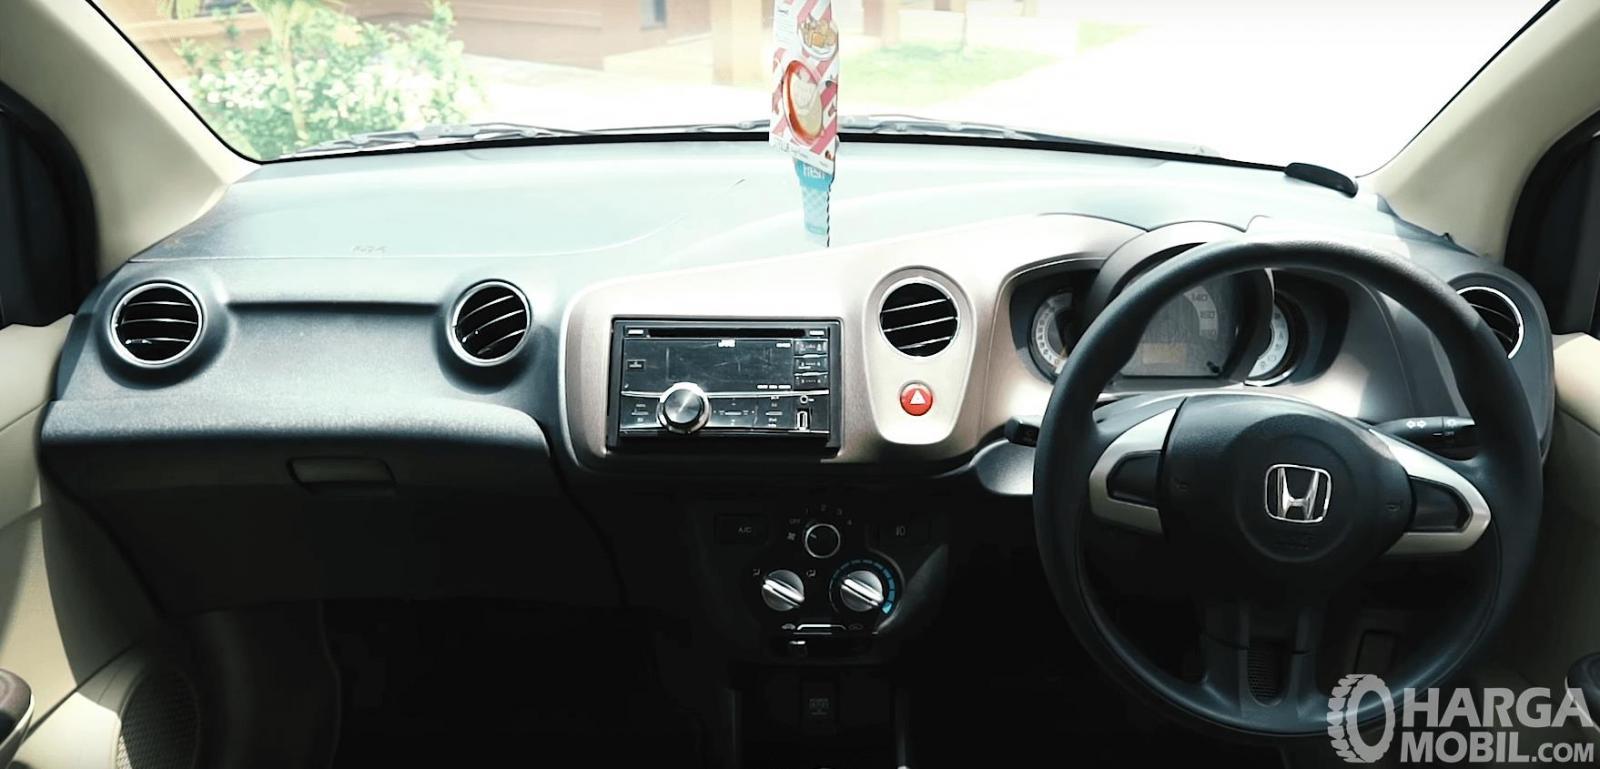 Gambar ini menunjukkan dashboard mobil Honda Brio Satya E 2013